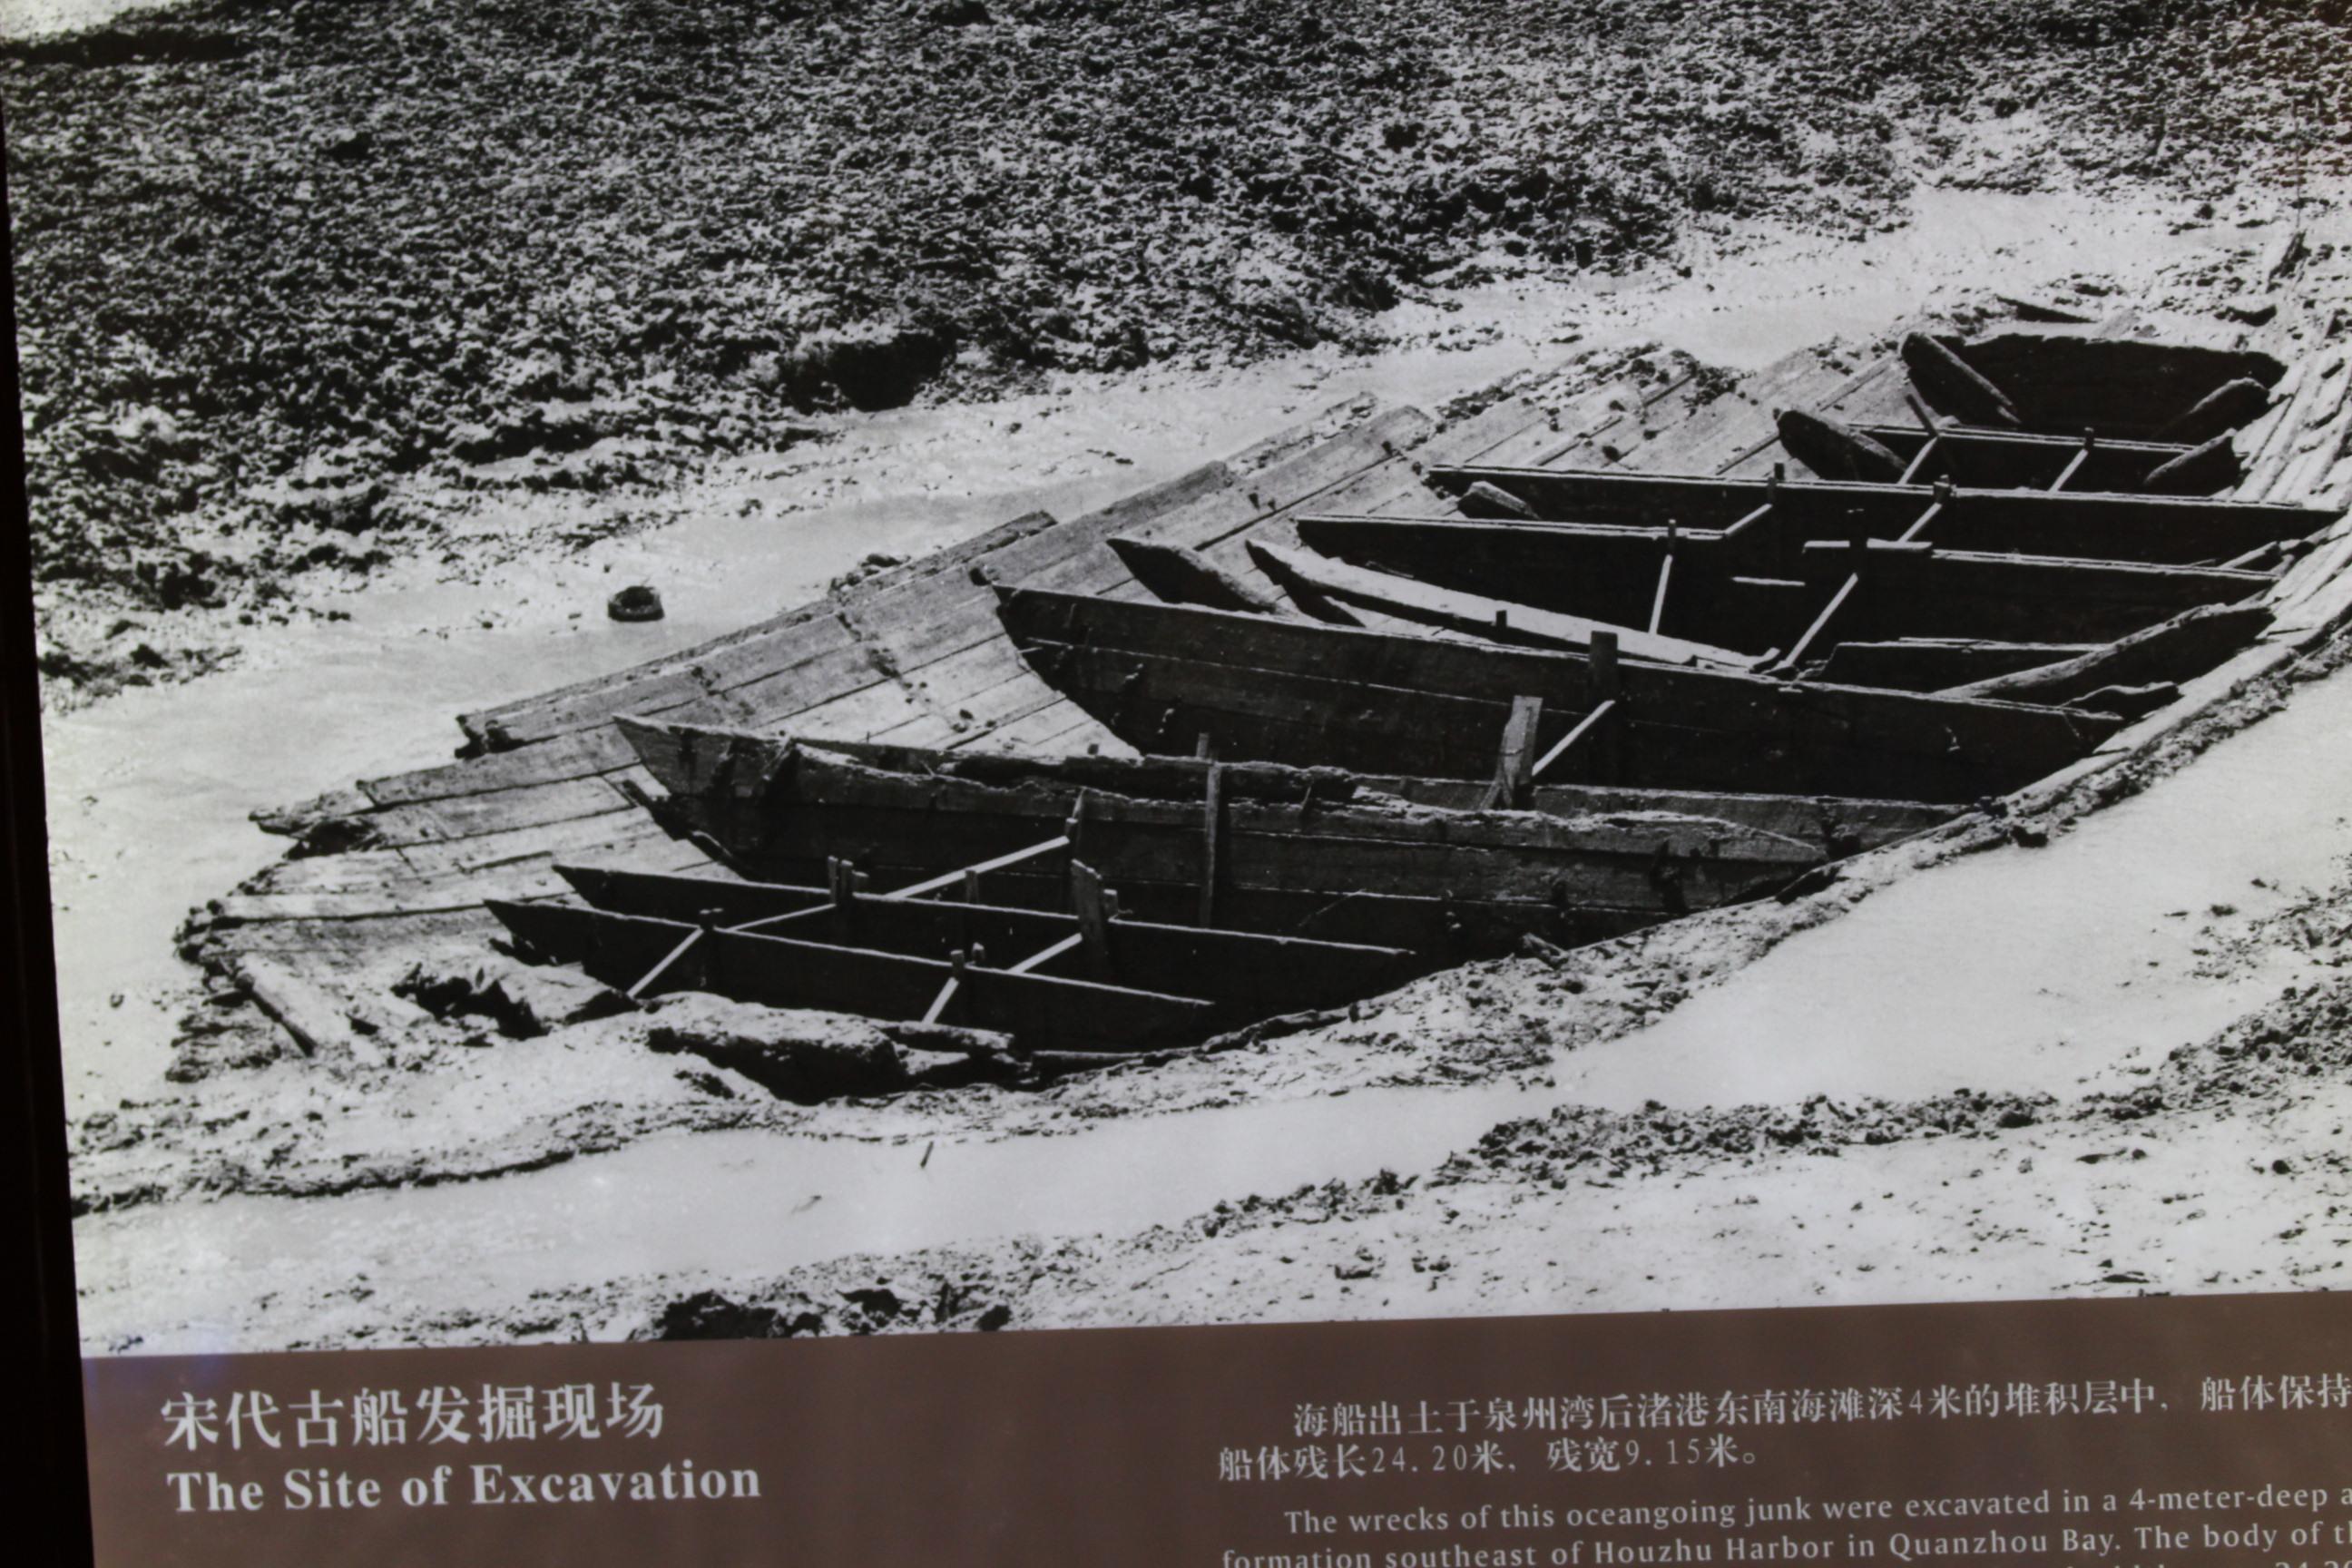 古船采用的龙骨结构,主龙骨与尾龙骨均用松木制成